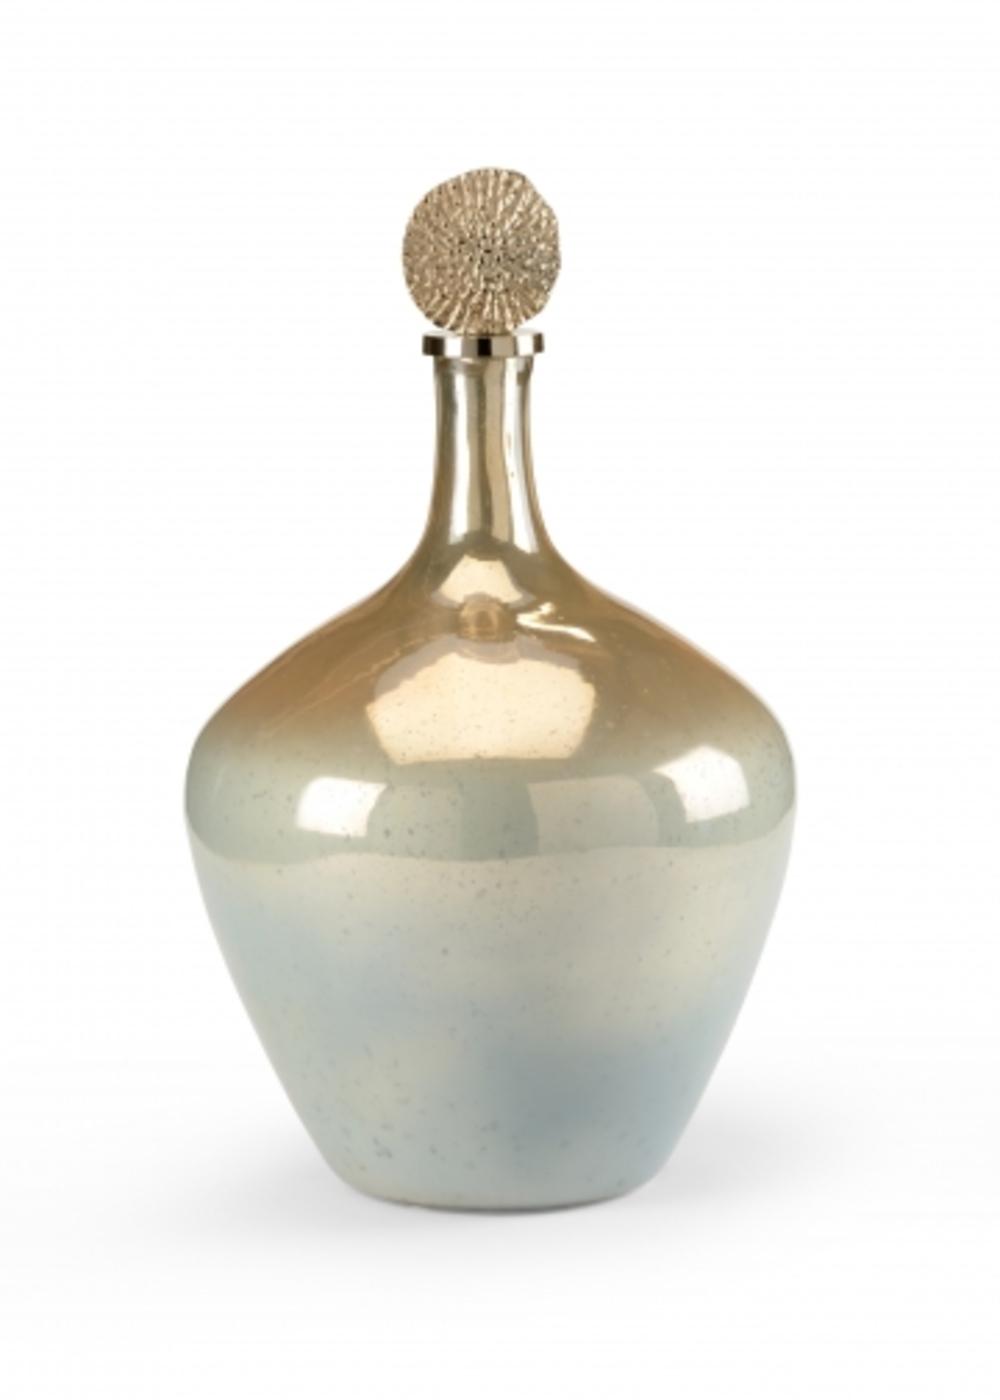 Wildwood Lamp - Helsinki Bottle